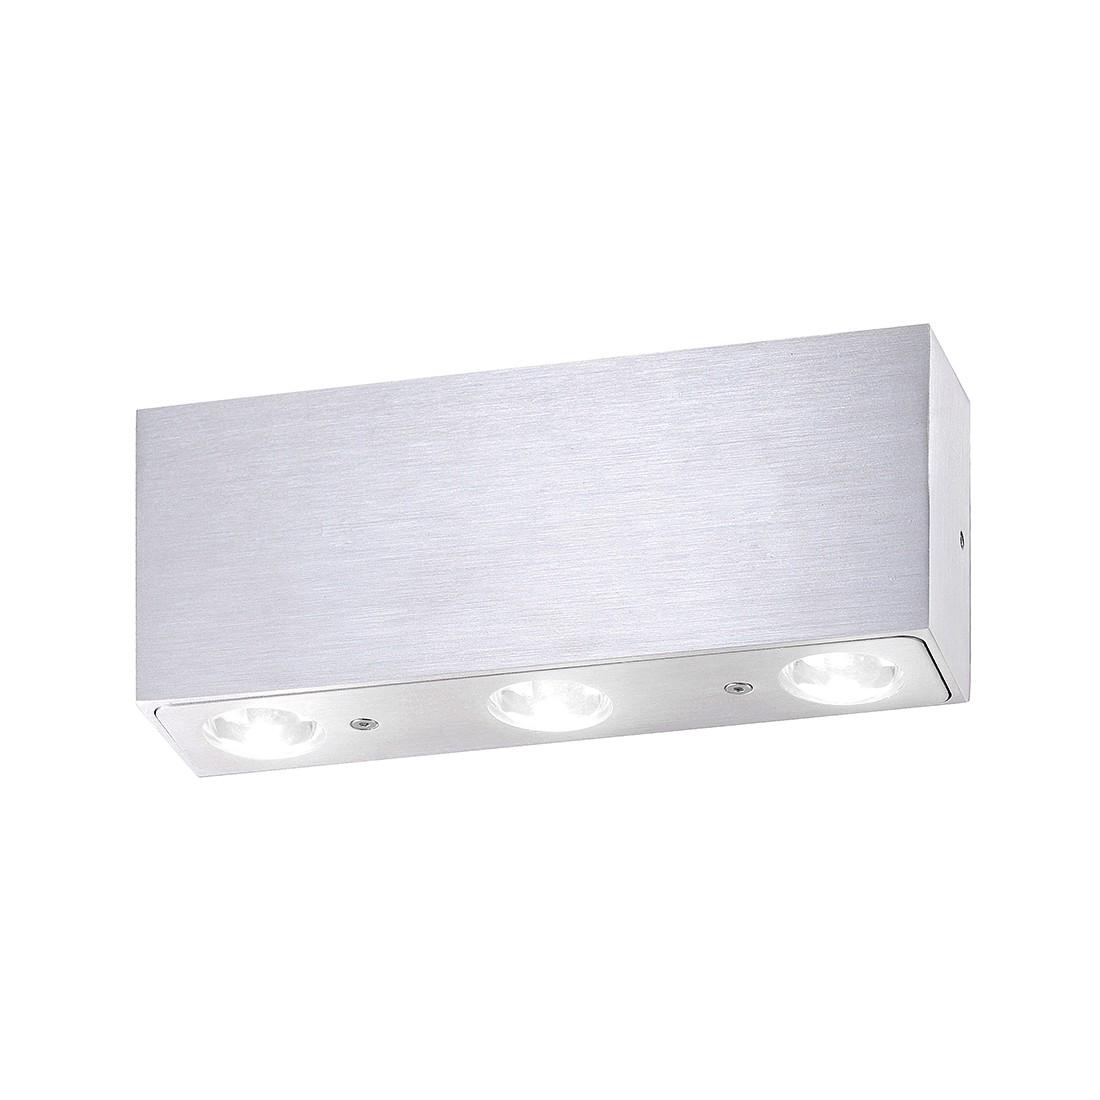 LED-Wandleuchte Cammin ● Aluminium Matt ● Silber- FLI Leuchten A+